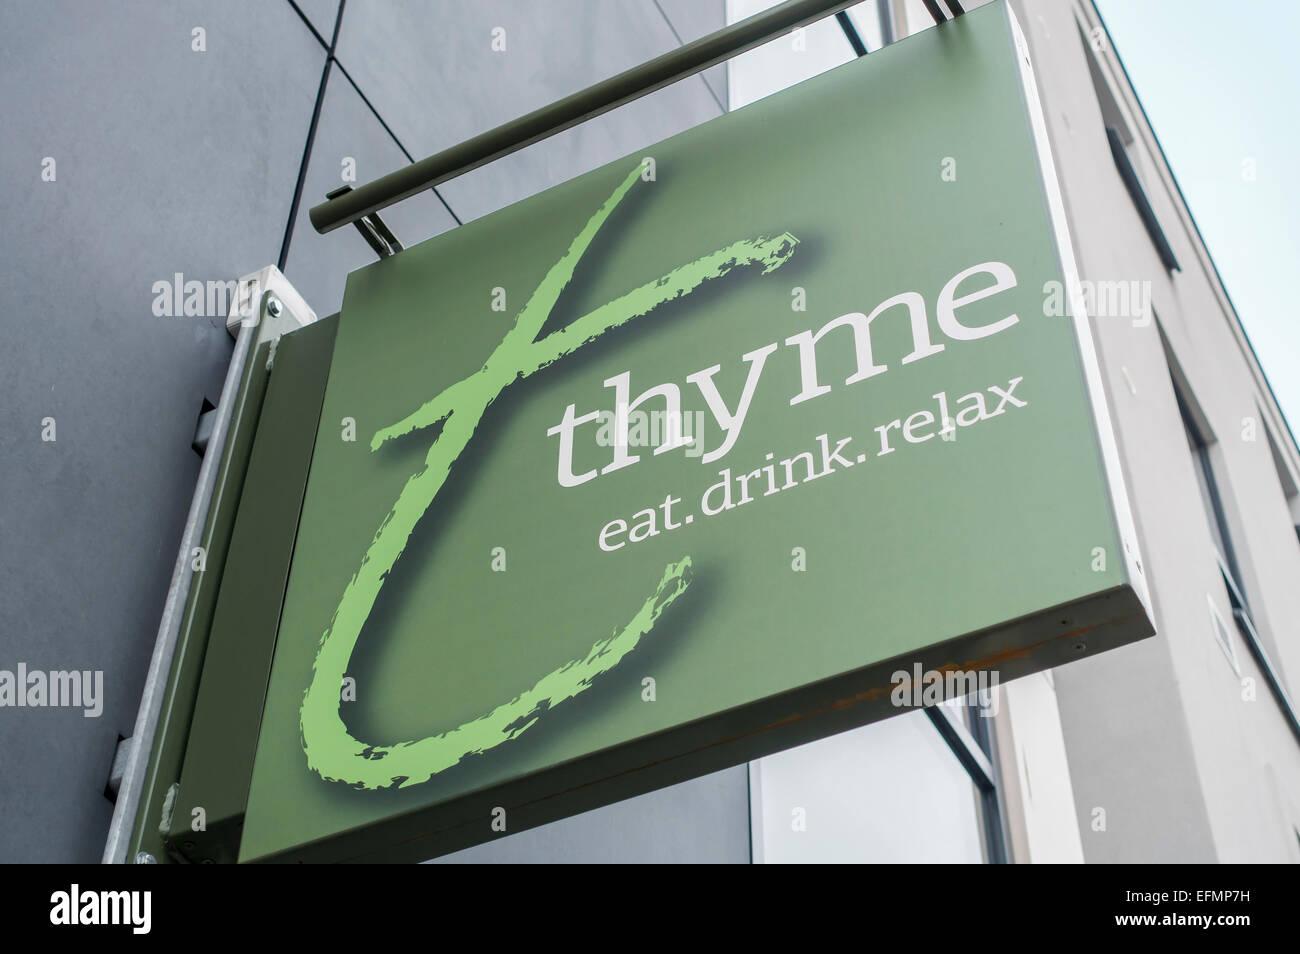 Thymian-Restaurant-Kette hängenden Zeichen Essen, trinken, entspannen Stockbild